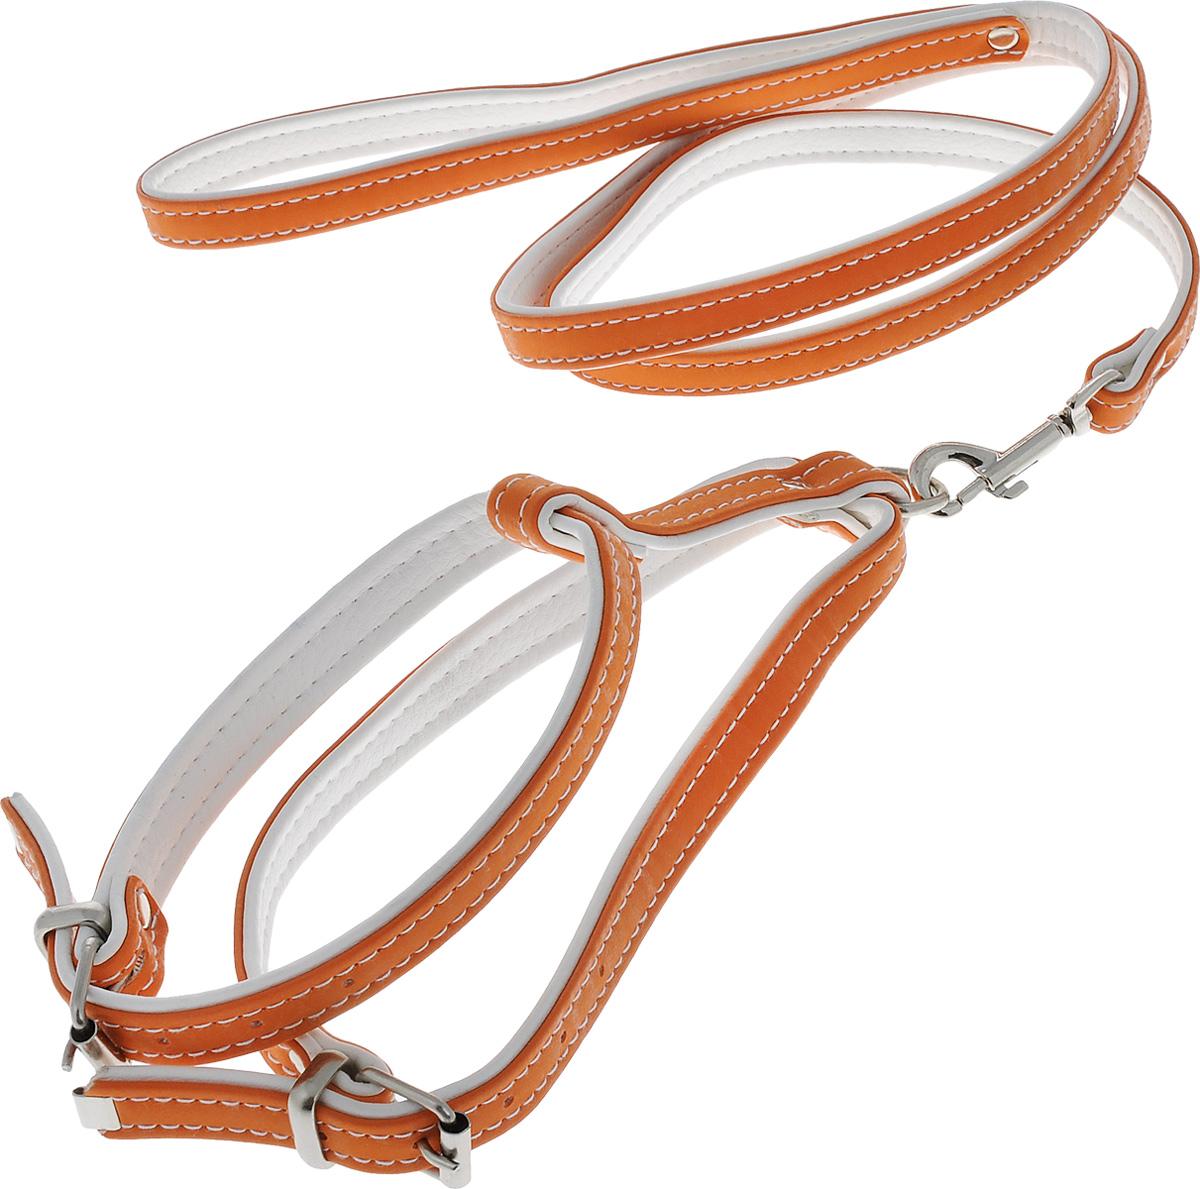 Комплект для животных Аркон Техно, цвет: оранжевый, белый, 2 предмета. кт1512171996Комплект для животных Аркон Техно состоит из шлейки и поводка. Изделия изготовлены из искусственной кожи, фурнитура - из сверхпрочных сплавов металла. Надежная конструкция обеспечит вашему четвероногому другу комфортную и безопасную прогулку.Такой комплект подходит как для кошек, так и для мелких пород собак. Длина поводка: 1,1 м.Ширина поводка: 1,4 см.Обхват шеи: 27 - 33 см. Обхват груди: 37 - 44 см.Длина спинки: 11 см.Ширина ремней: 1,5 см; 1,6 см.